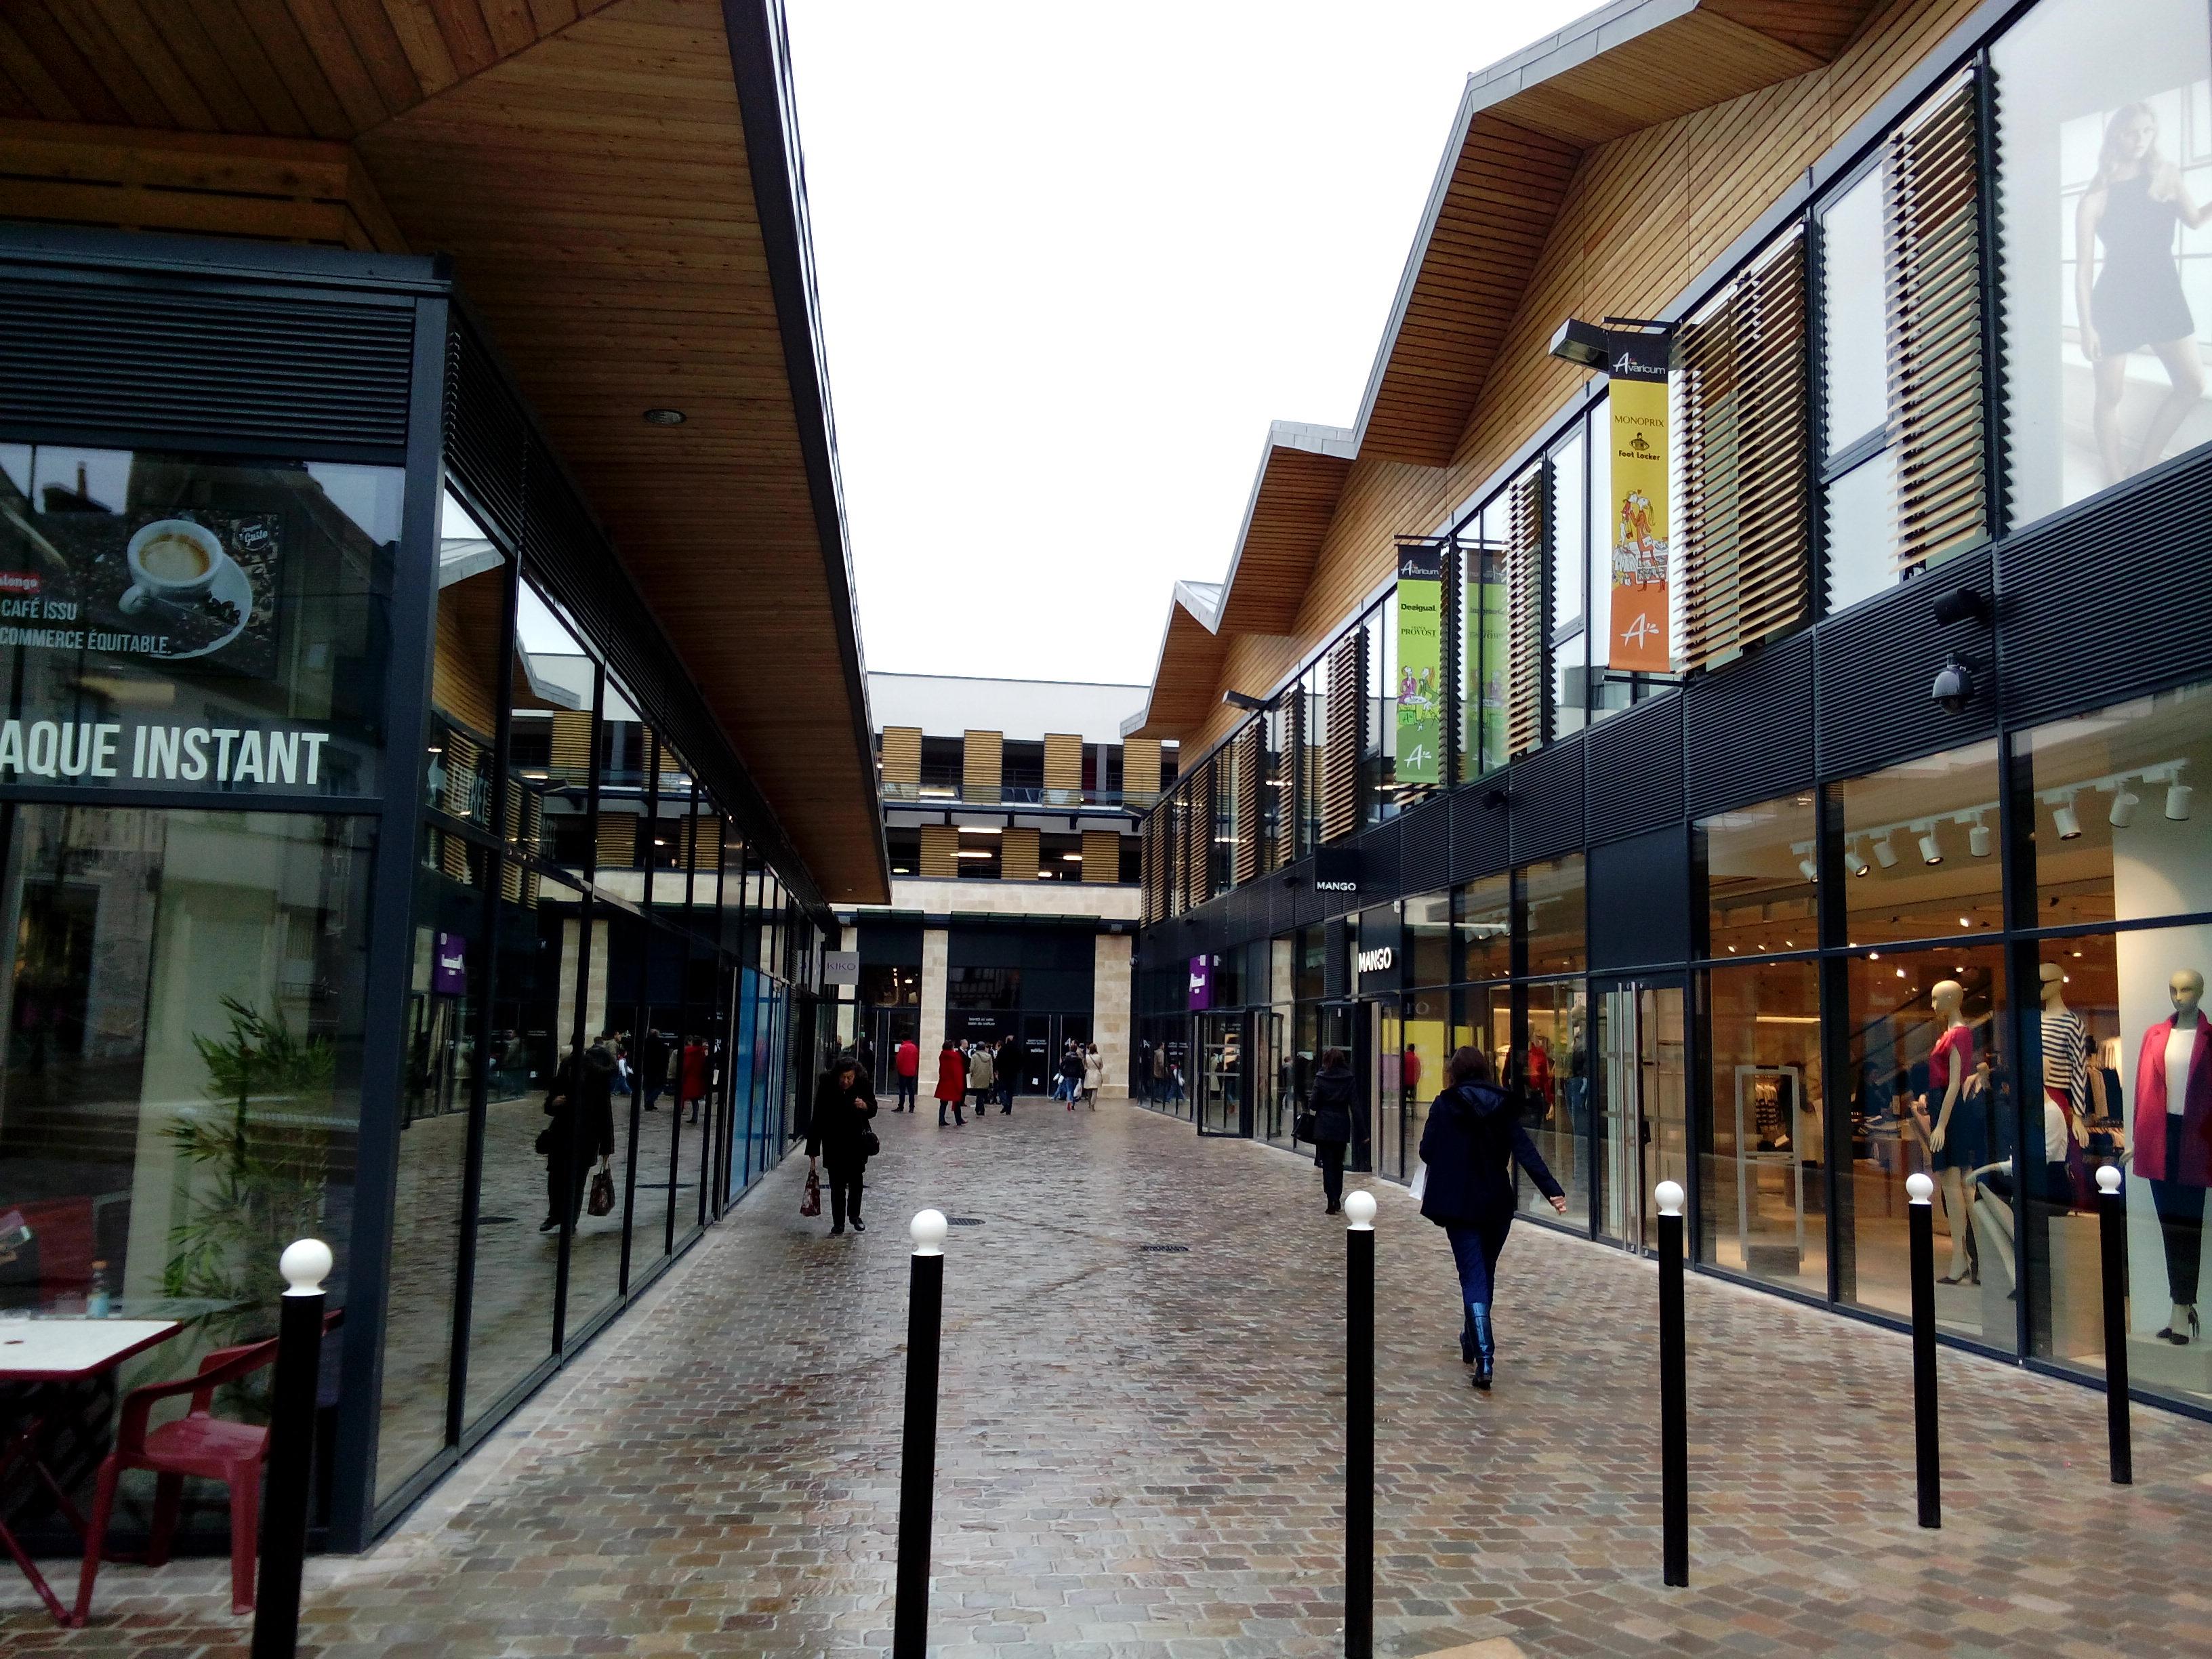 Un centre commercial à Bourges pour dynamiser le commerce